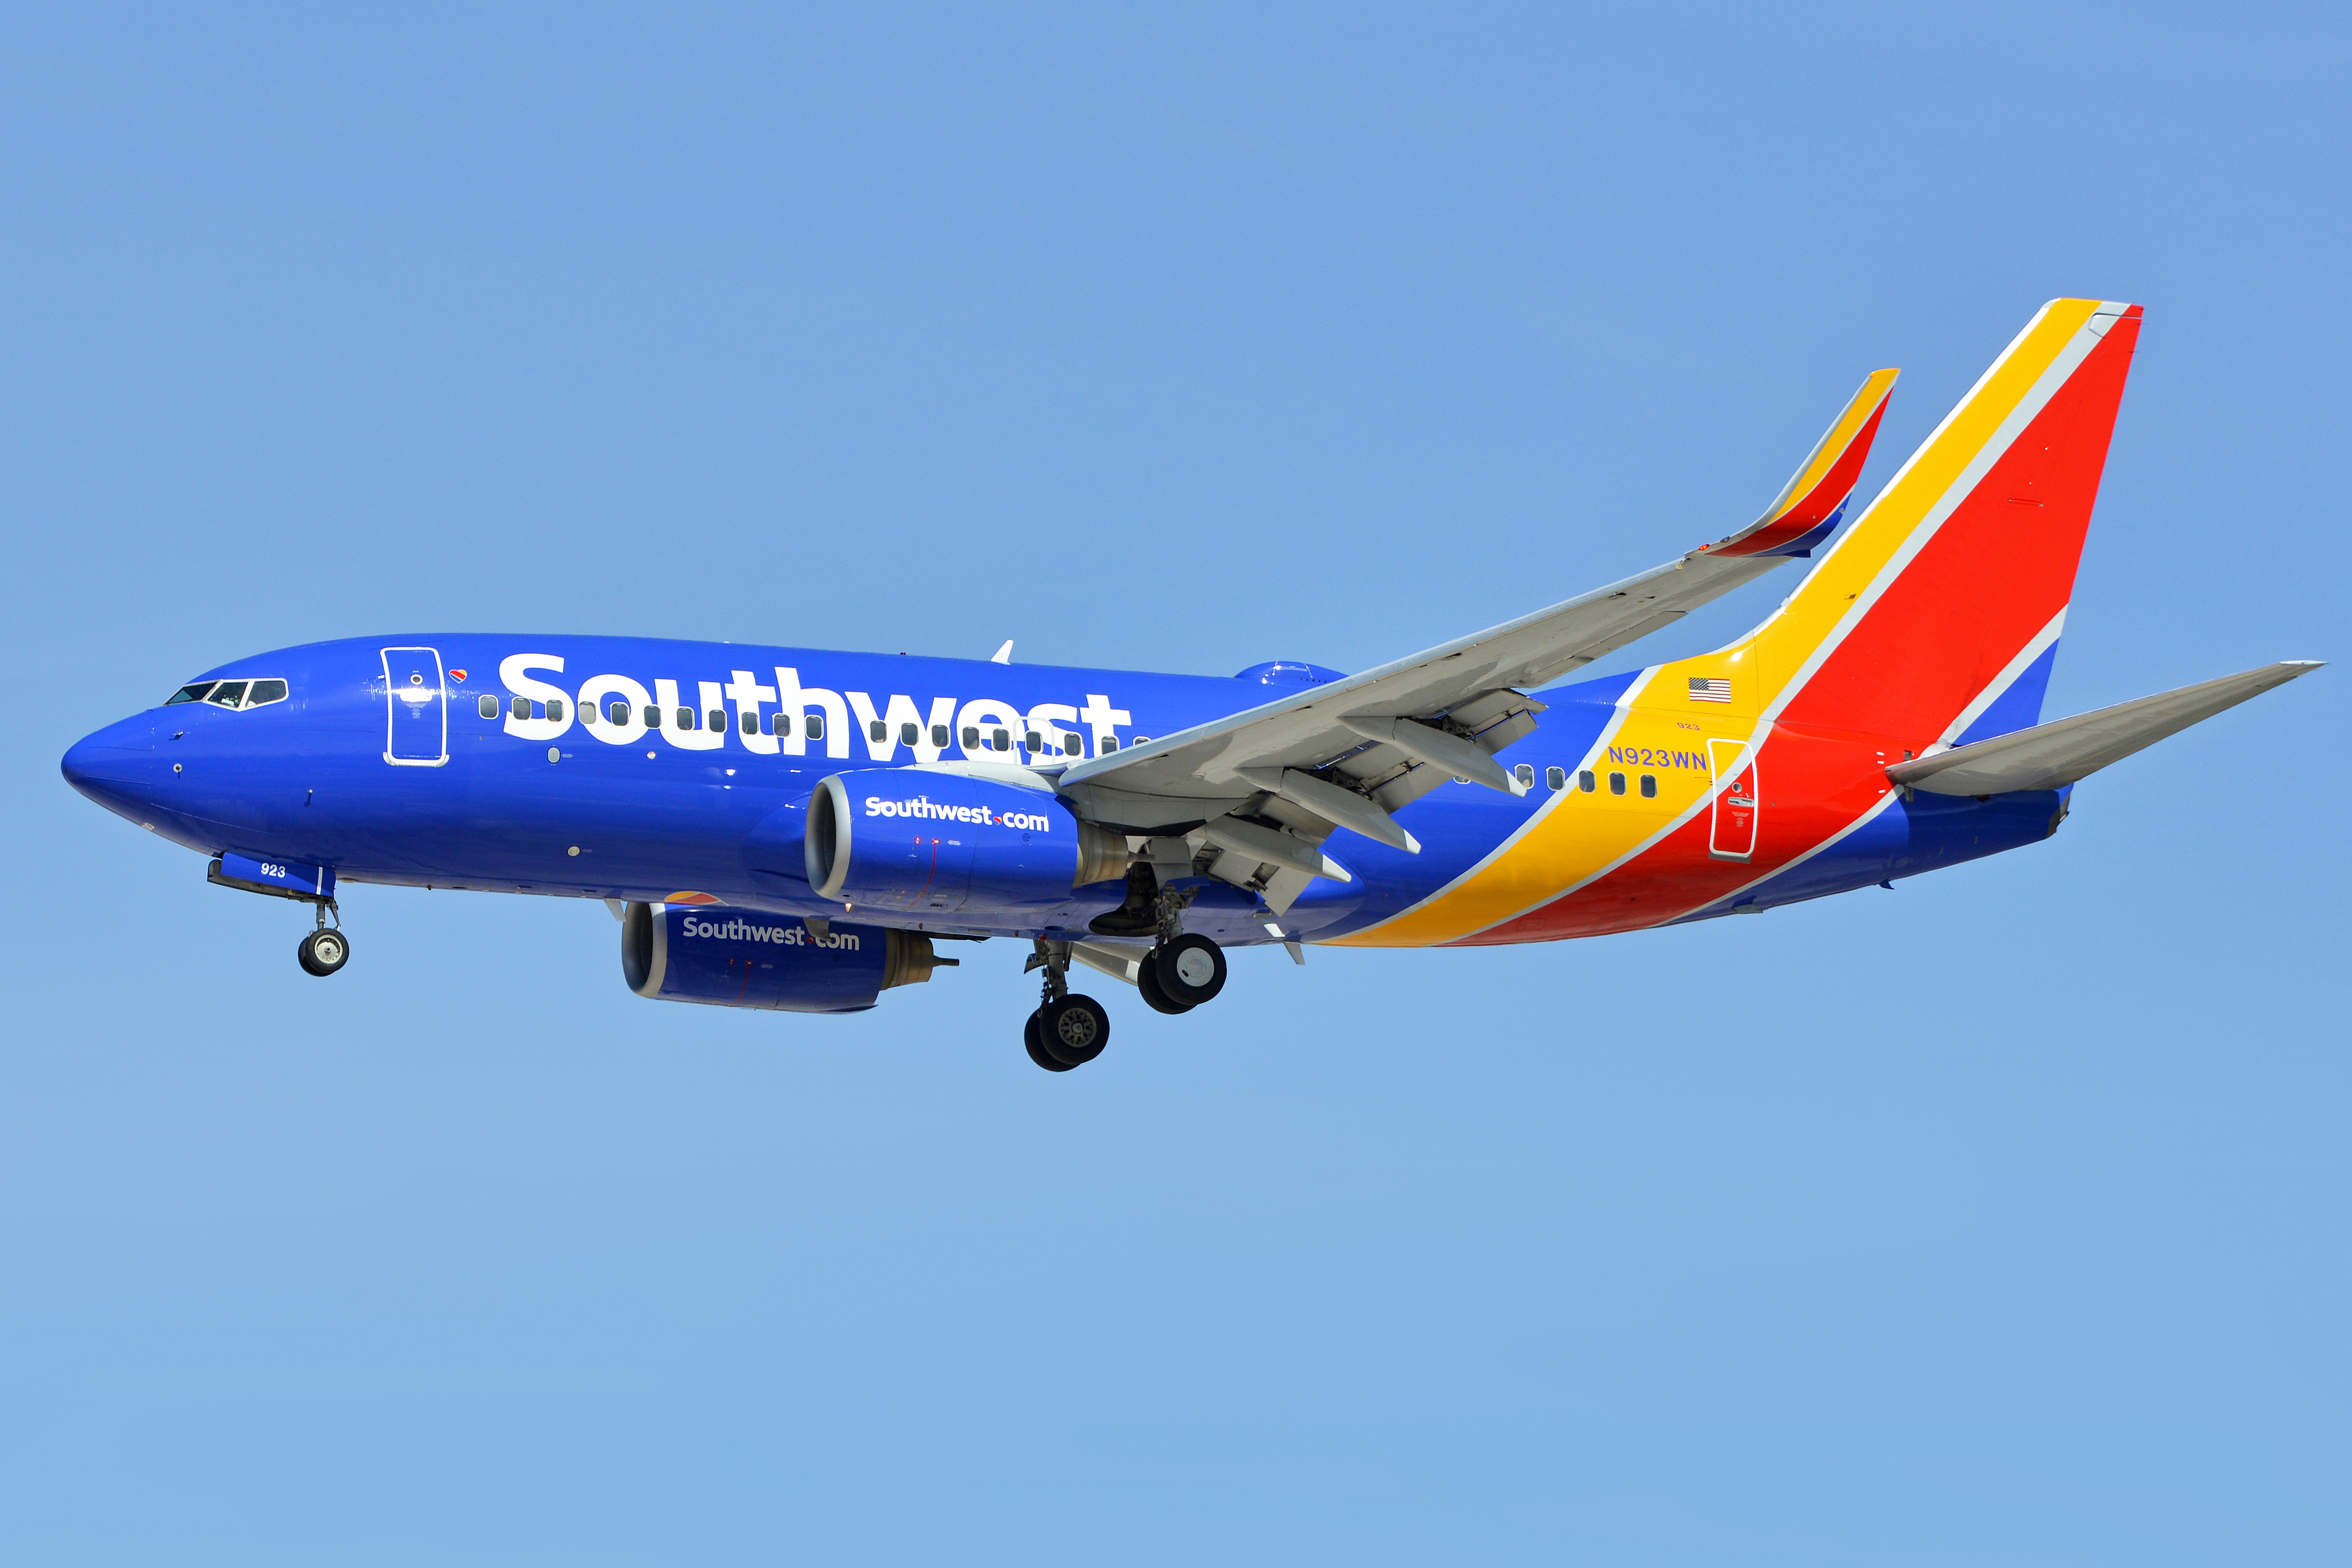 América Fora de Aerovia: Southwest Airlines, a mãe das low-costs